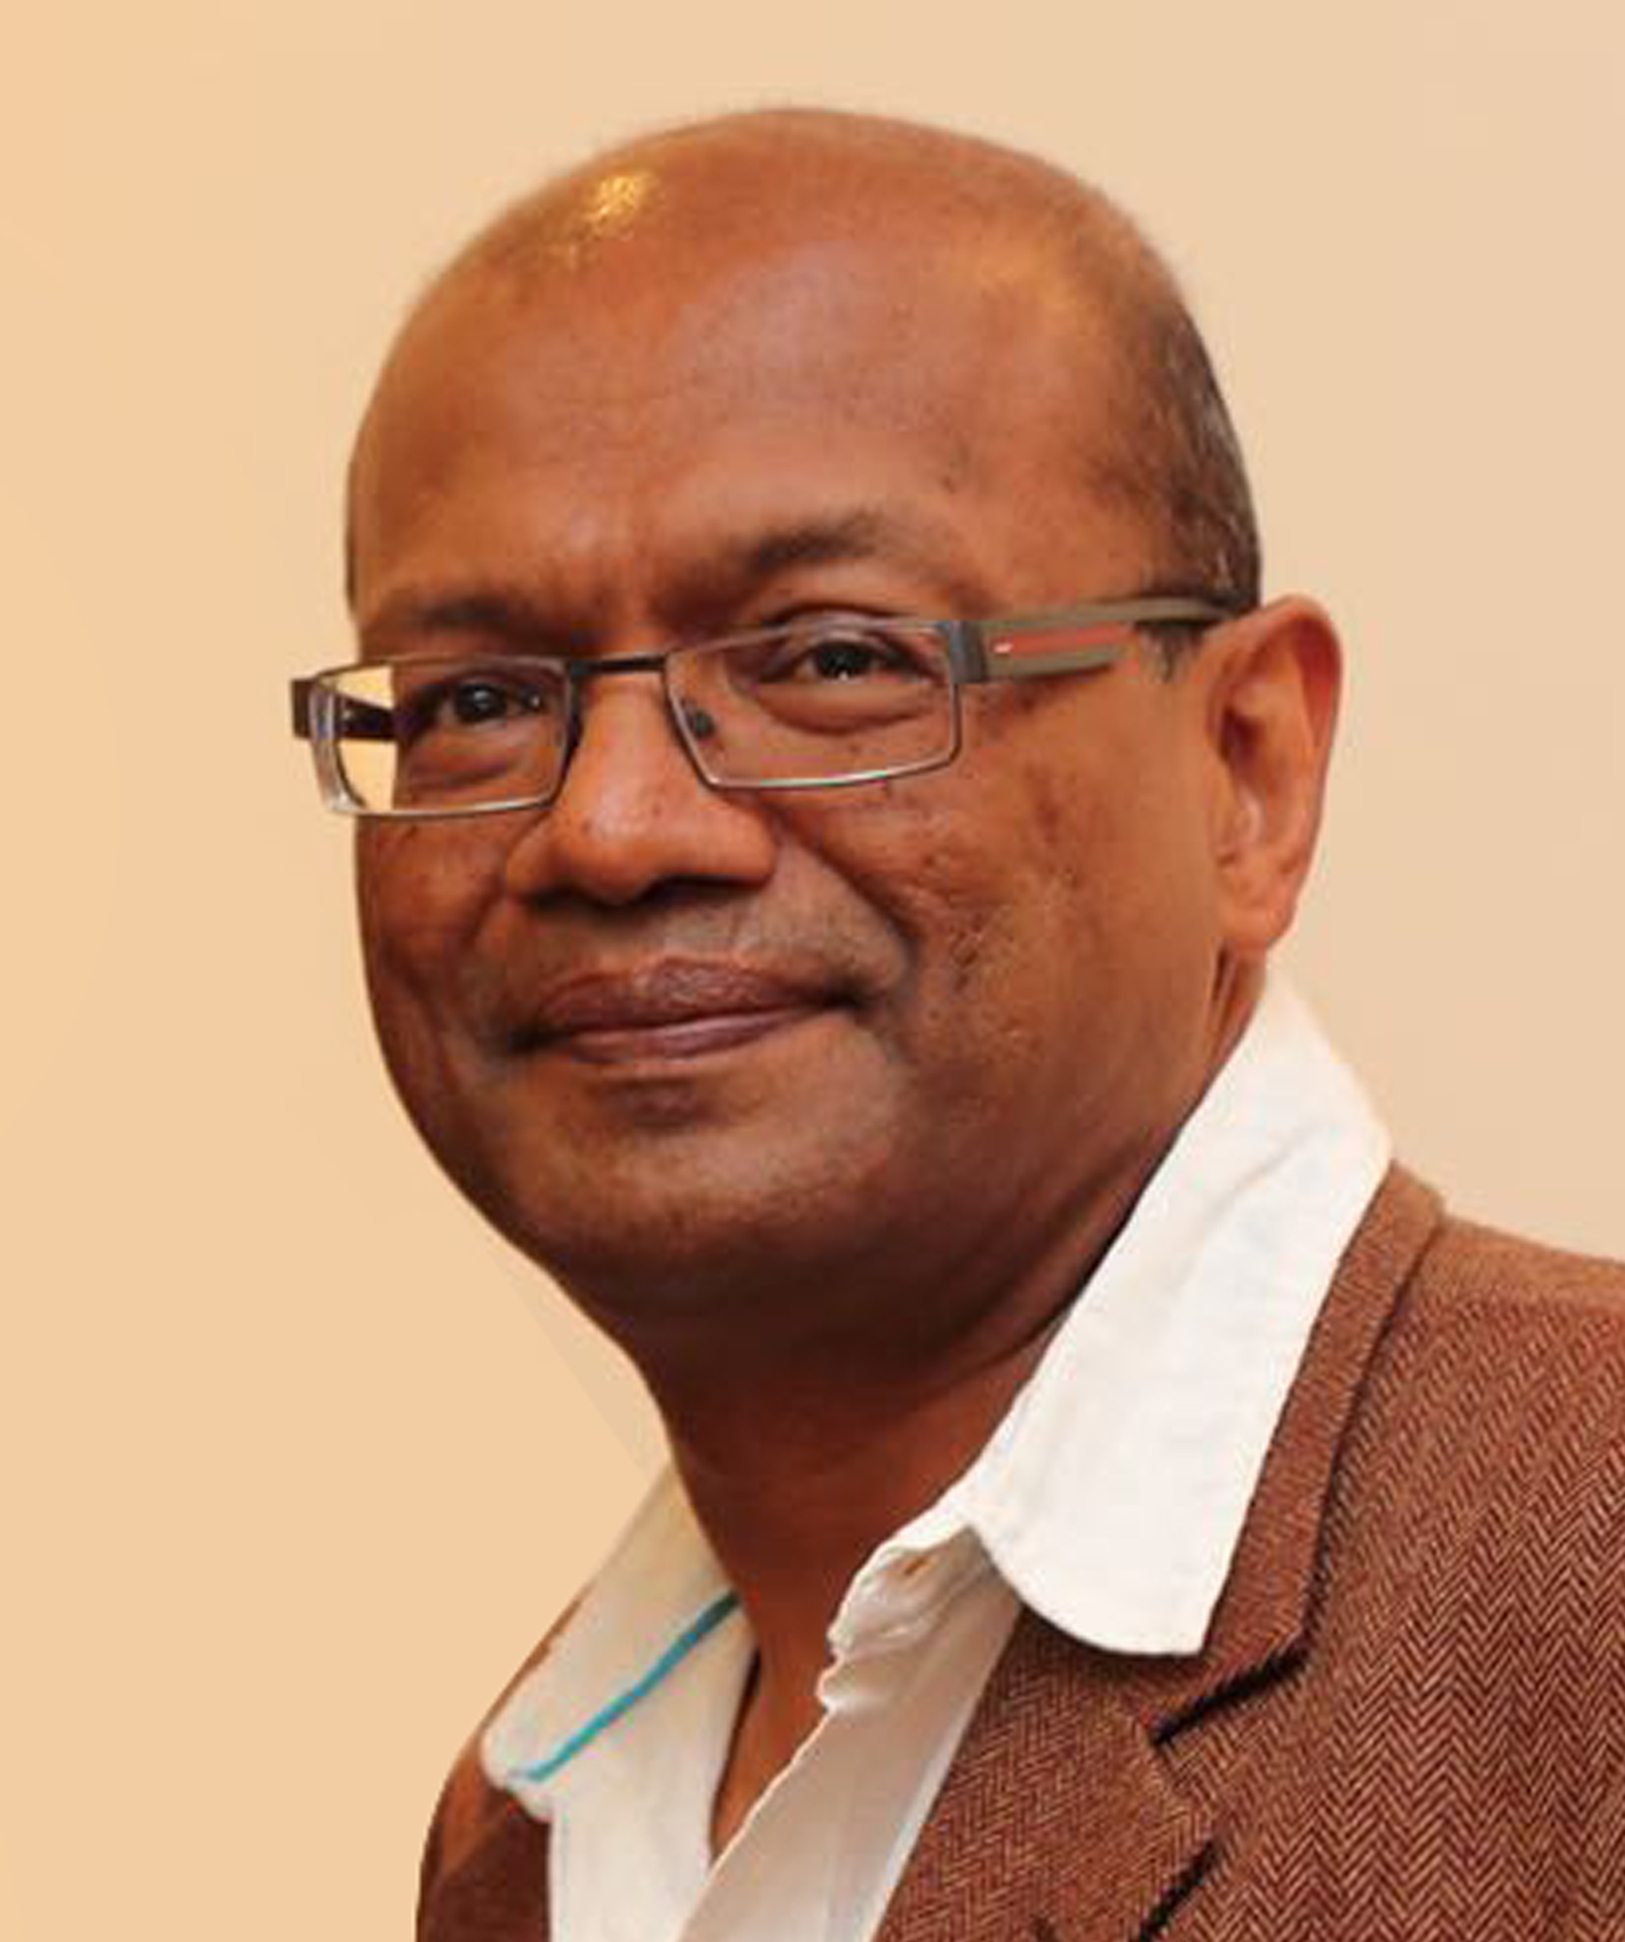 MR. MUKESH SHANTILAL SHAH